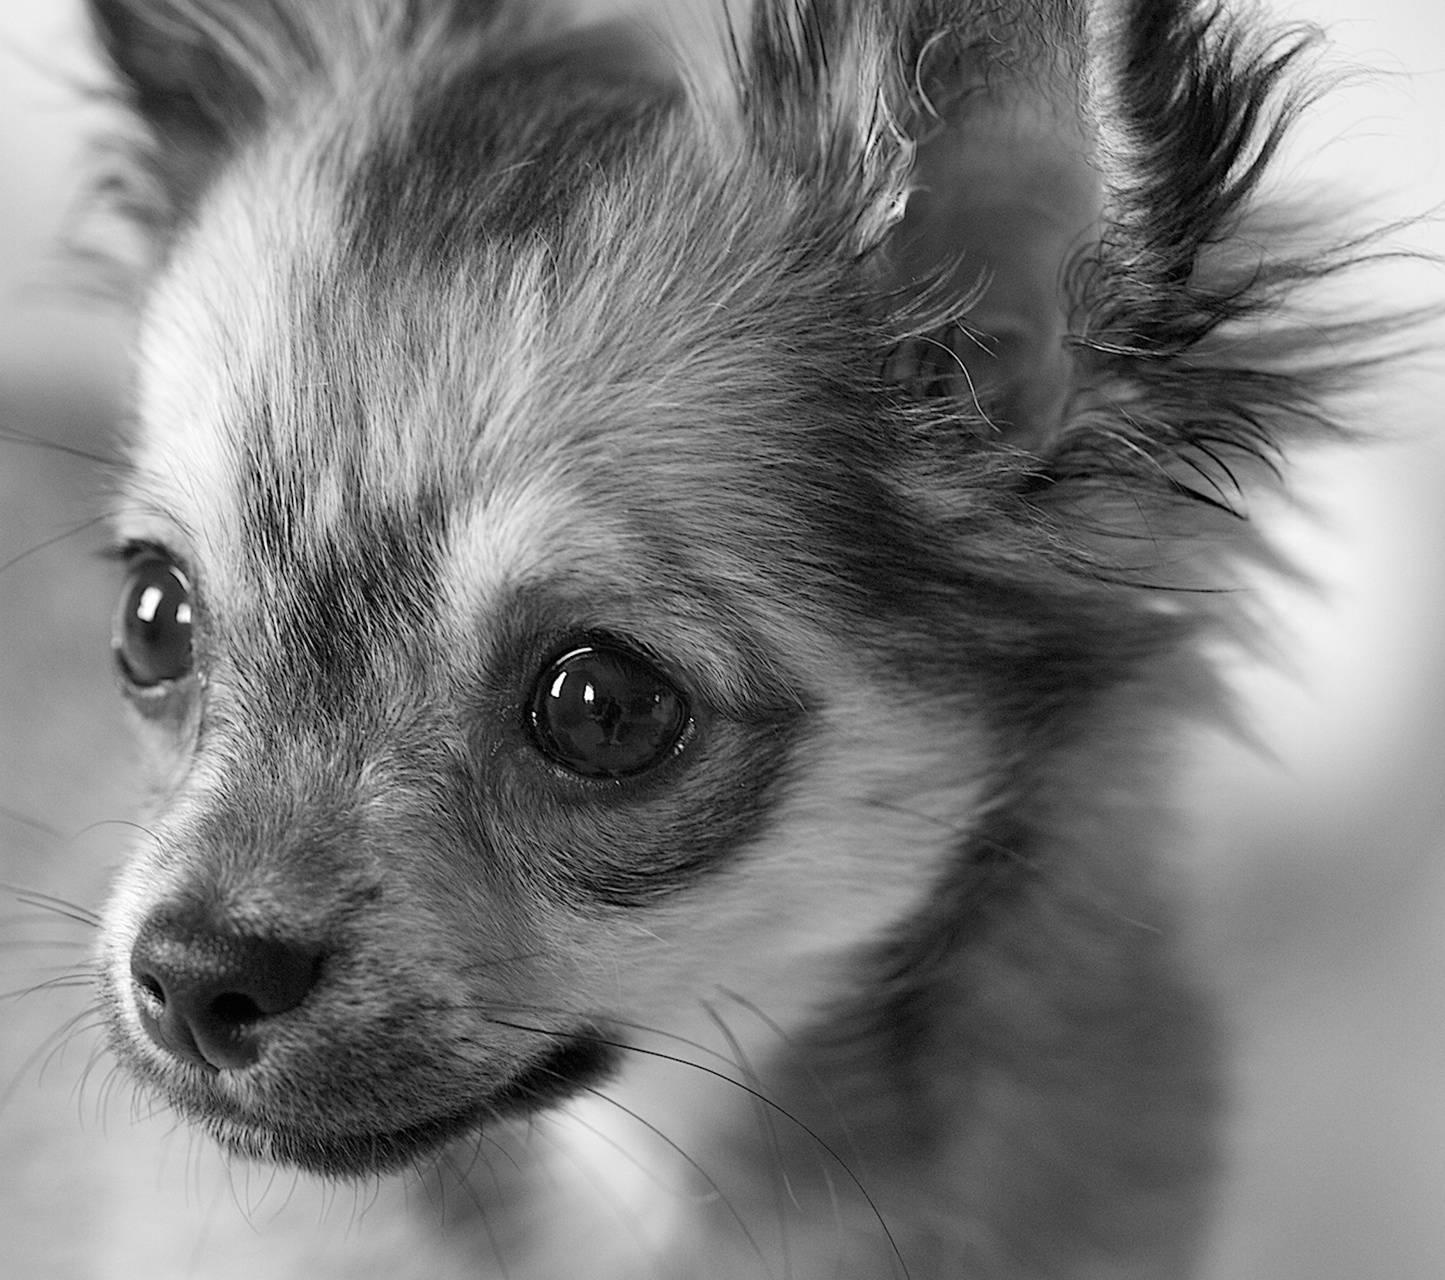 Puppy Cute 6